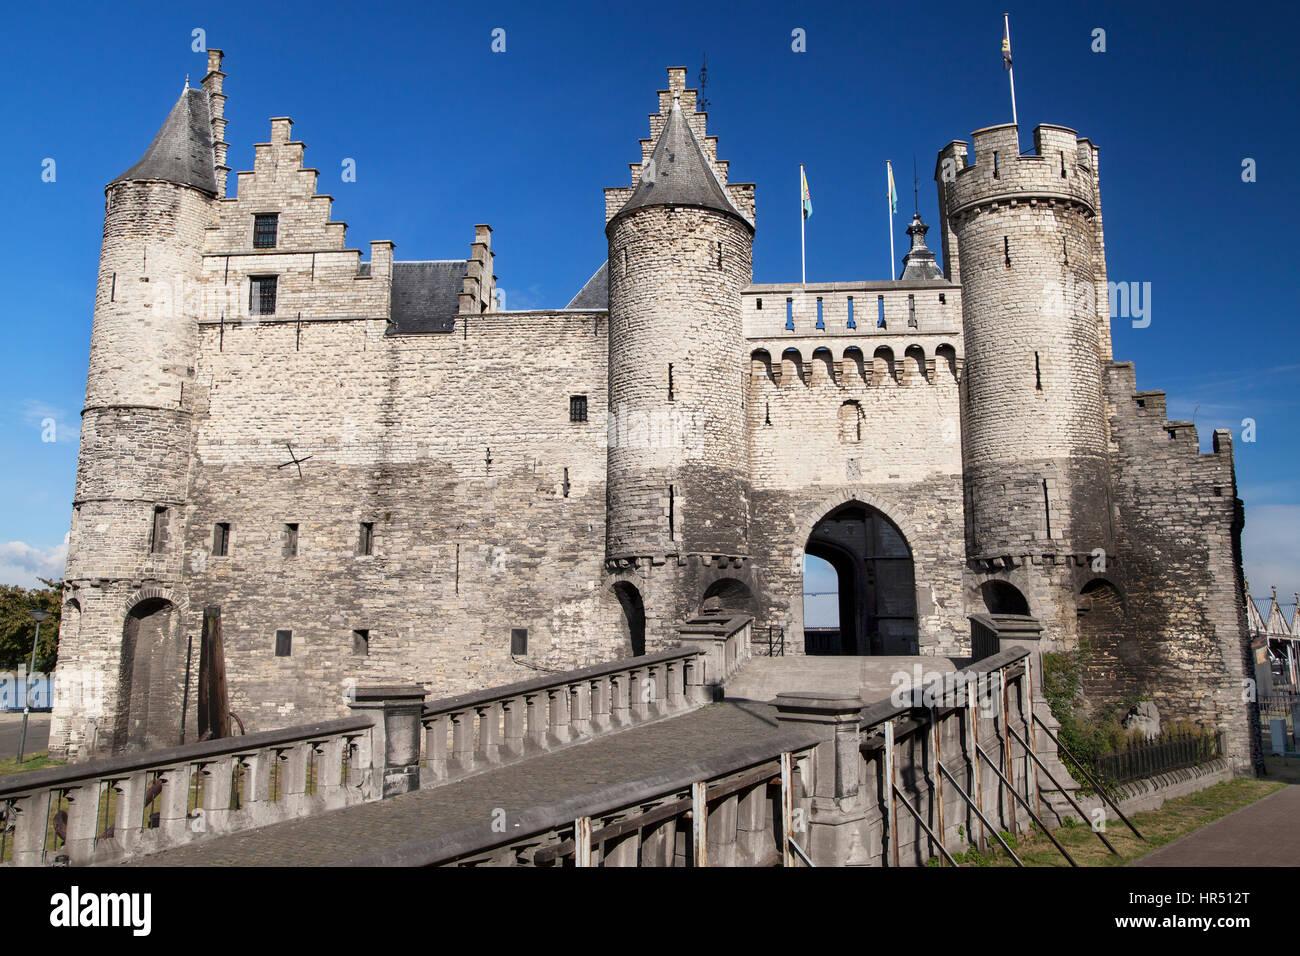 Het Steen Castle in Antwerp, Belgium. - Stock Image